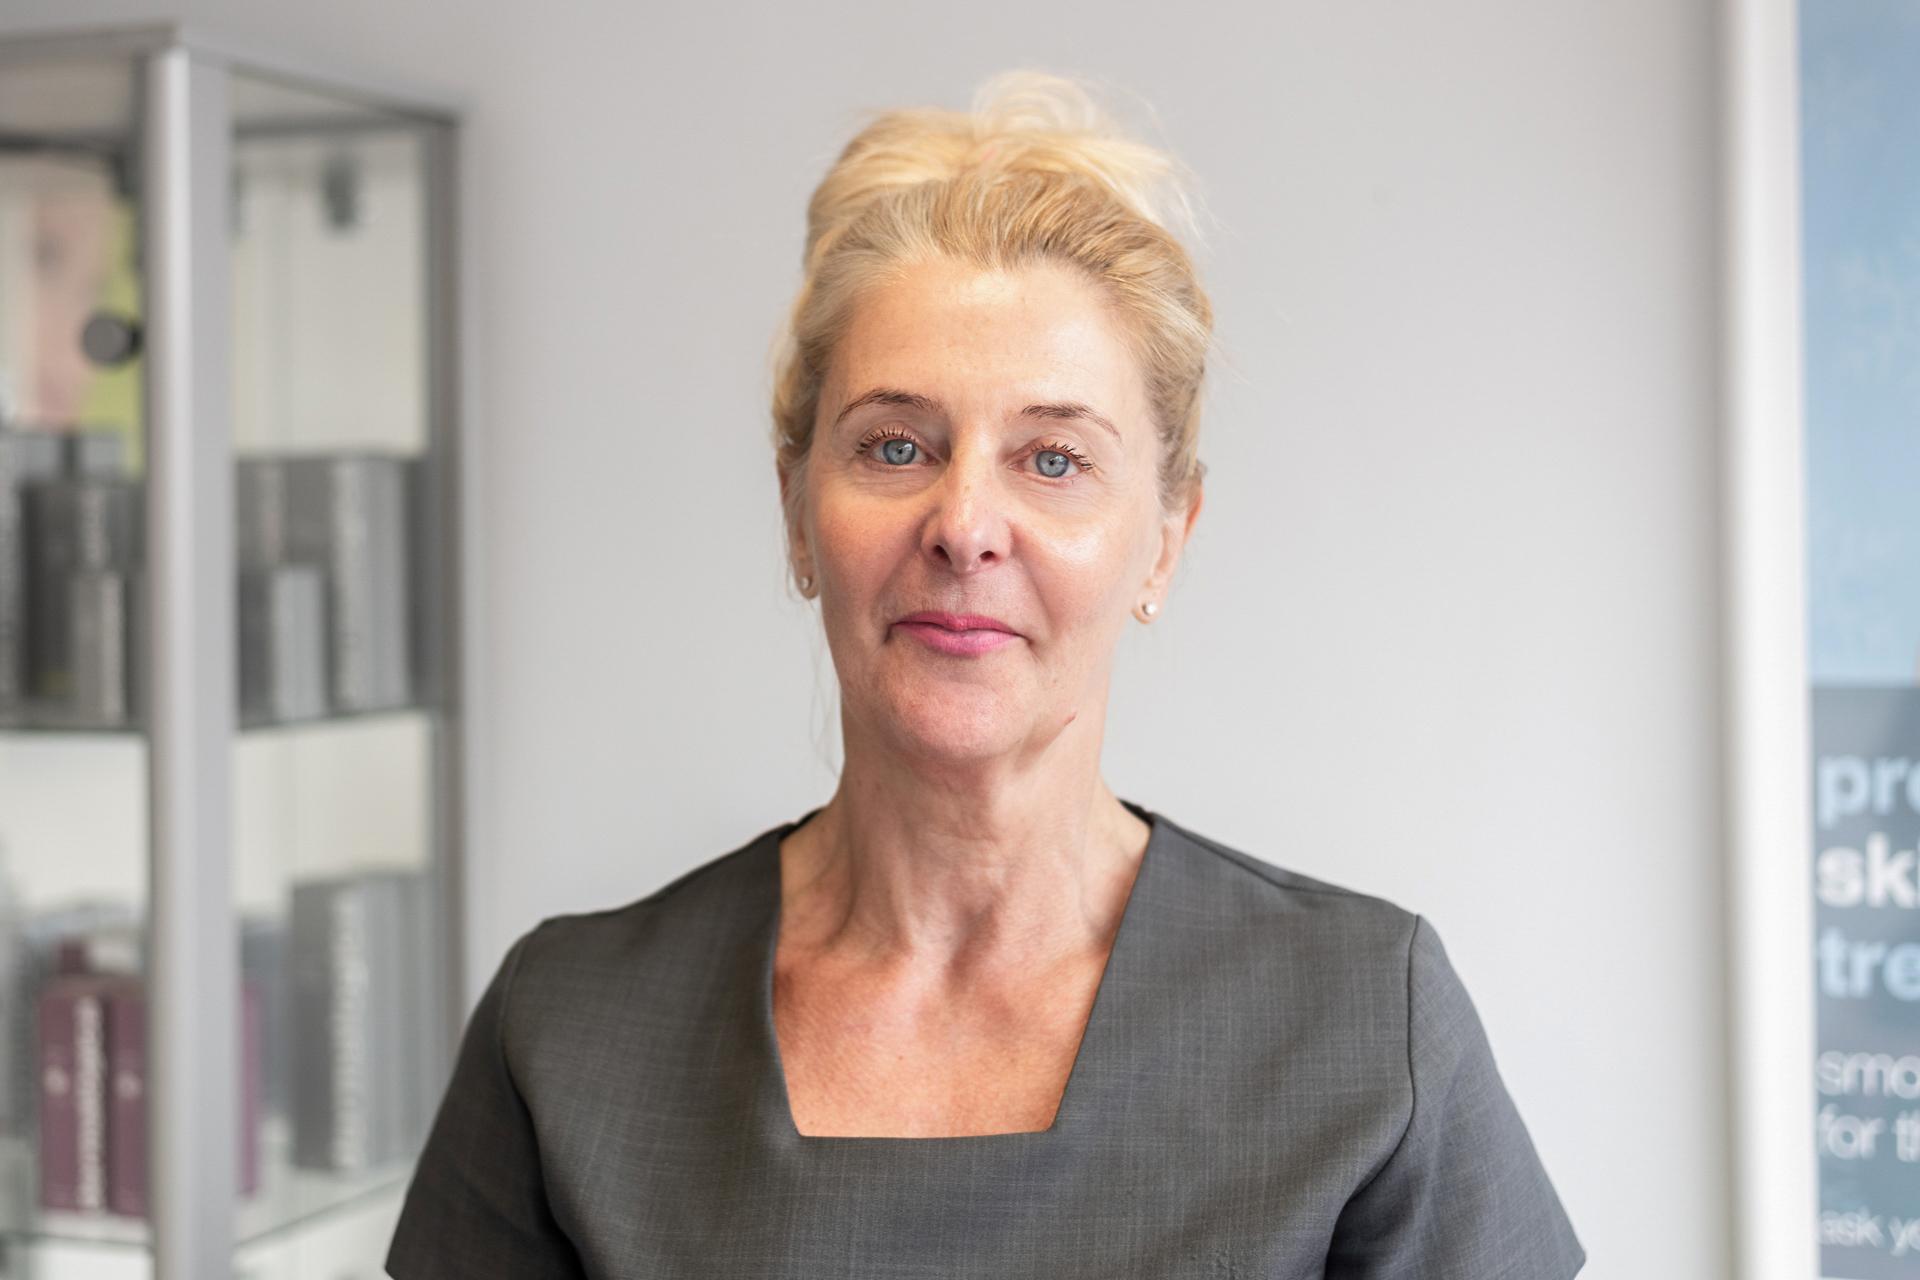 , LindaKalantarian, Beauty Therapist